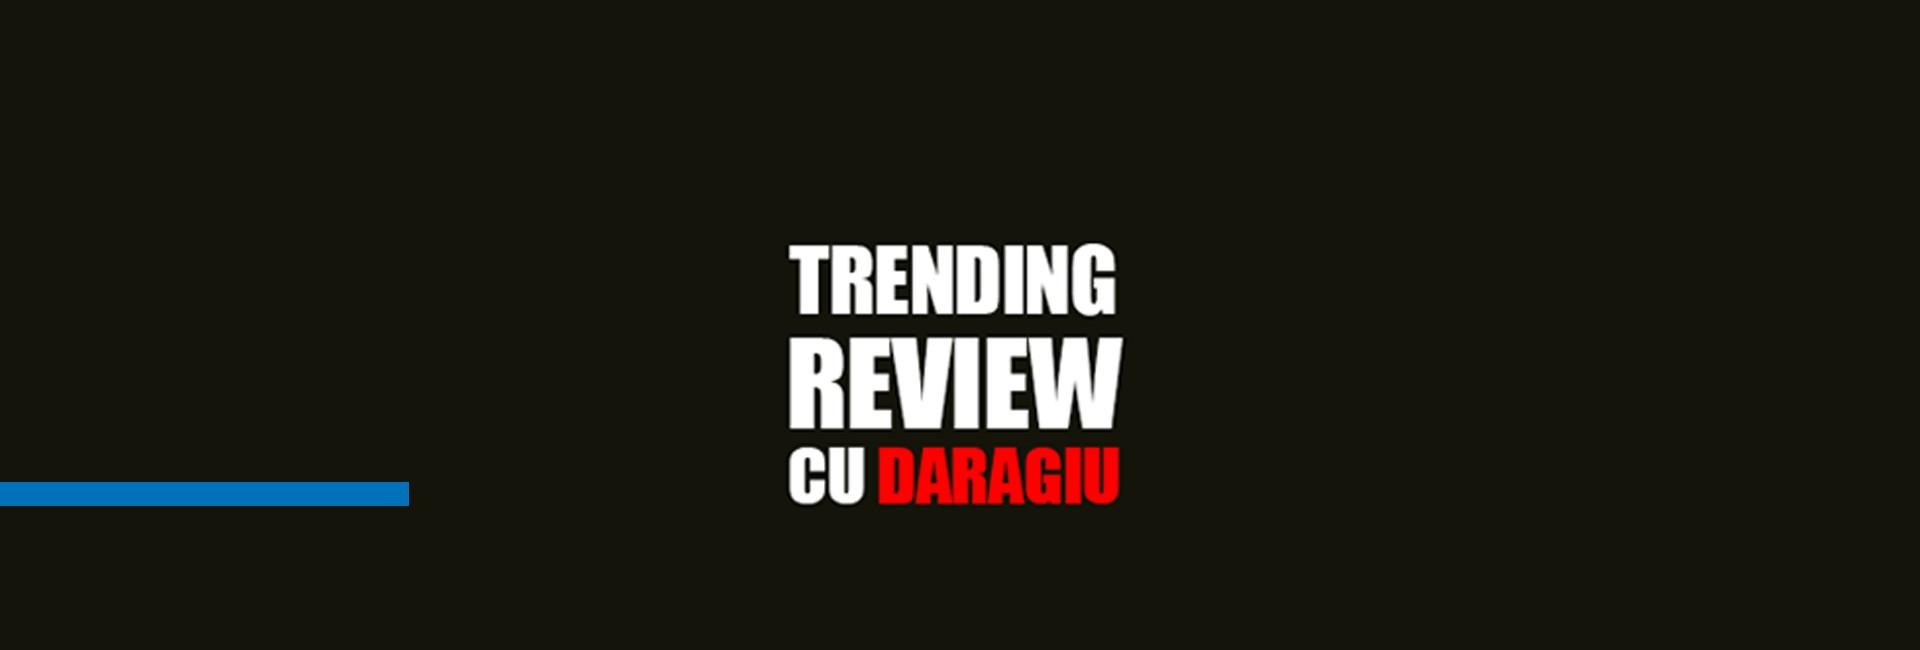 Trending Review cu Daragiu